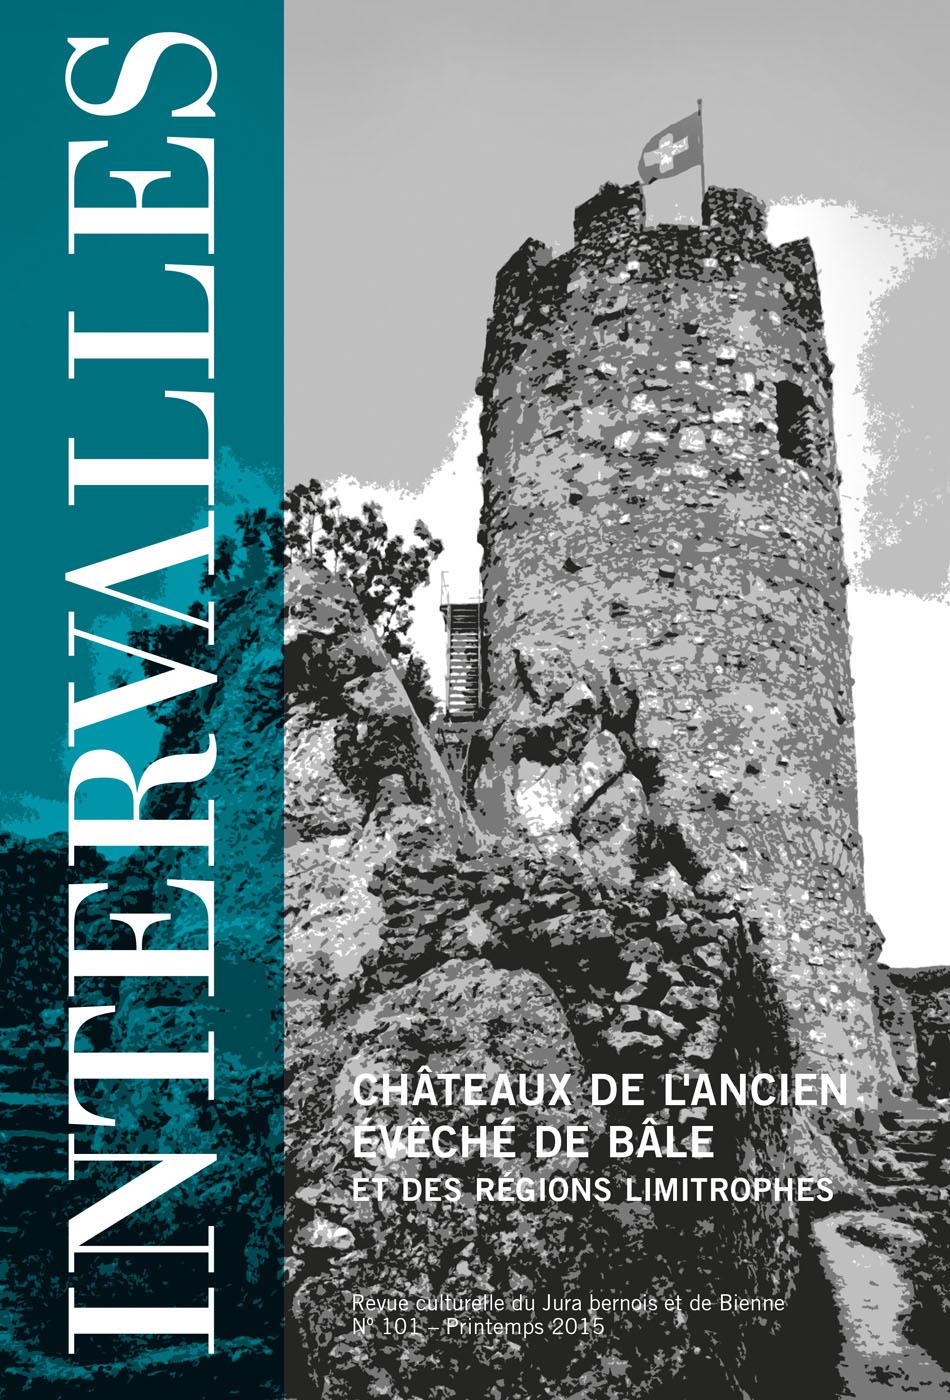 No 101 – Châteaux de l'Ancien Évêché de Bâle et des régions limitrophes